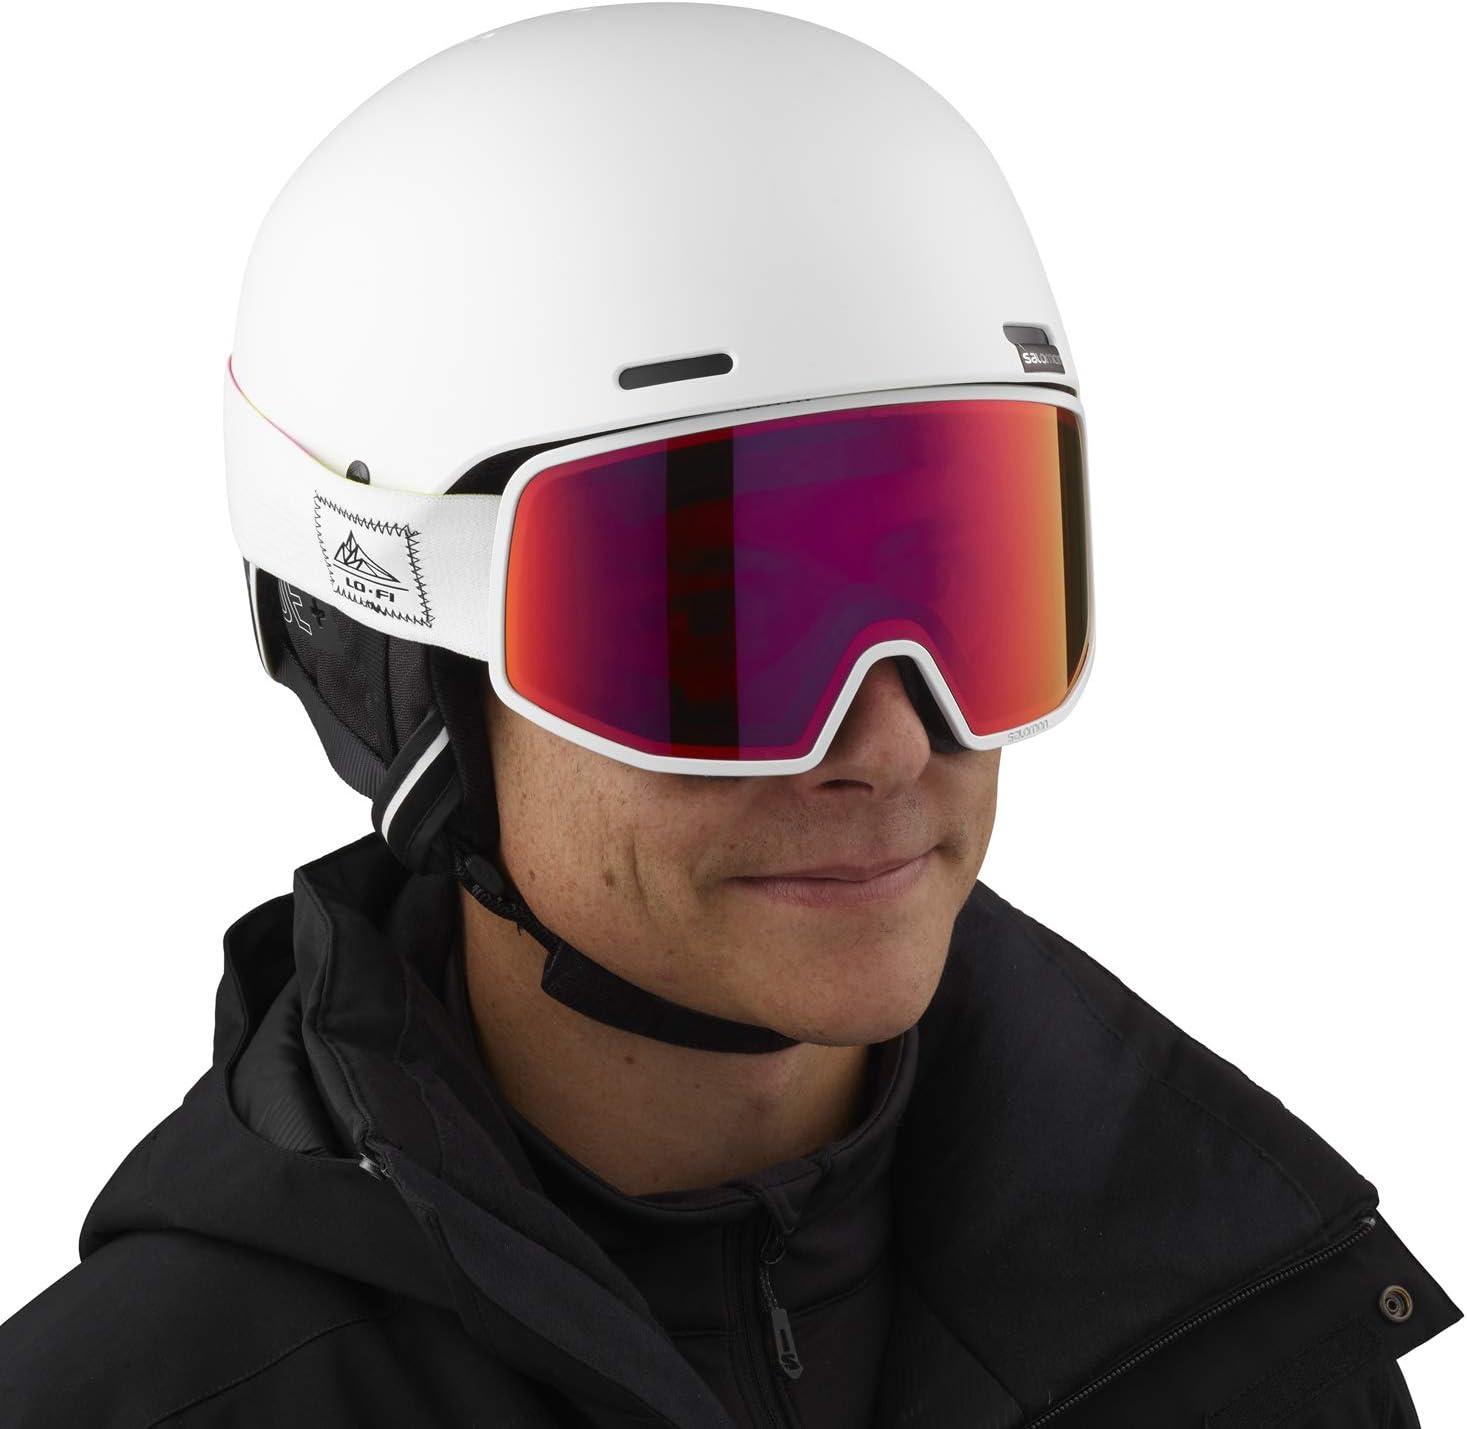 Circunferencia Tecnolog/ía Smart Carcasa ABS XL Salomon Brigade+ Casco de esqu/í y Snowboard para Hombre Blanco 62-64 cm